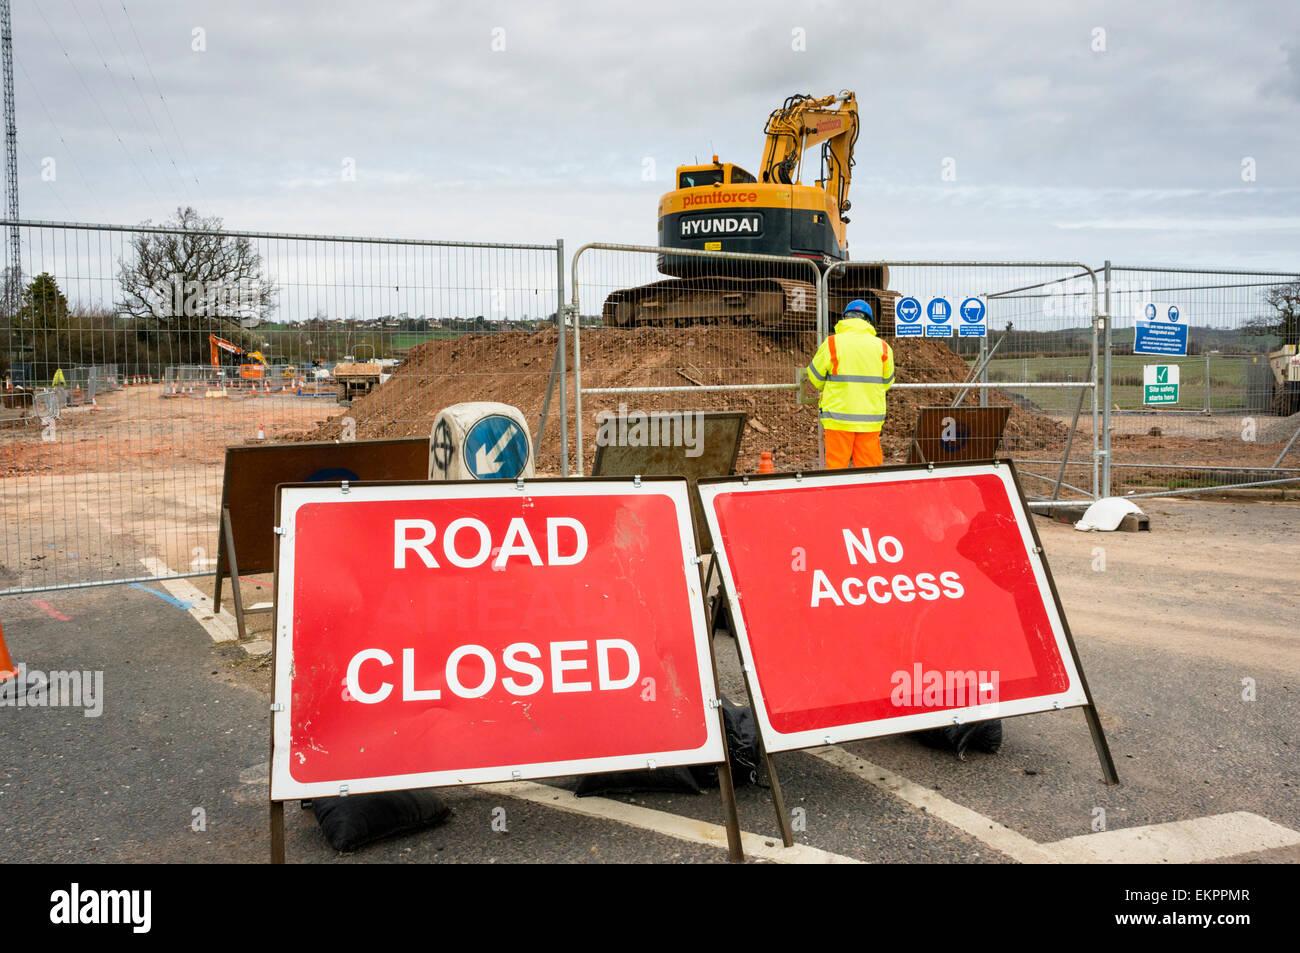 Strada chiusa segno con opere stradali e lavoratori edili la costruzione di una nuova strada, England, Regno Unito Immagini Stock